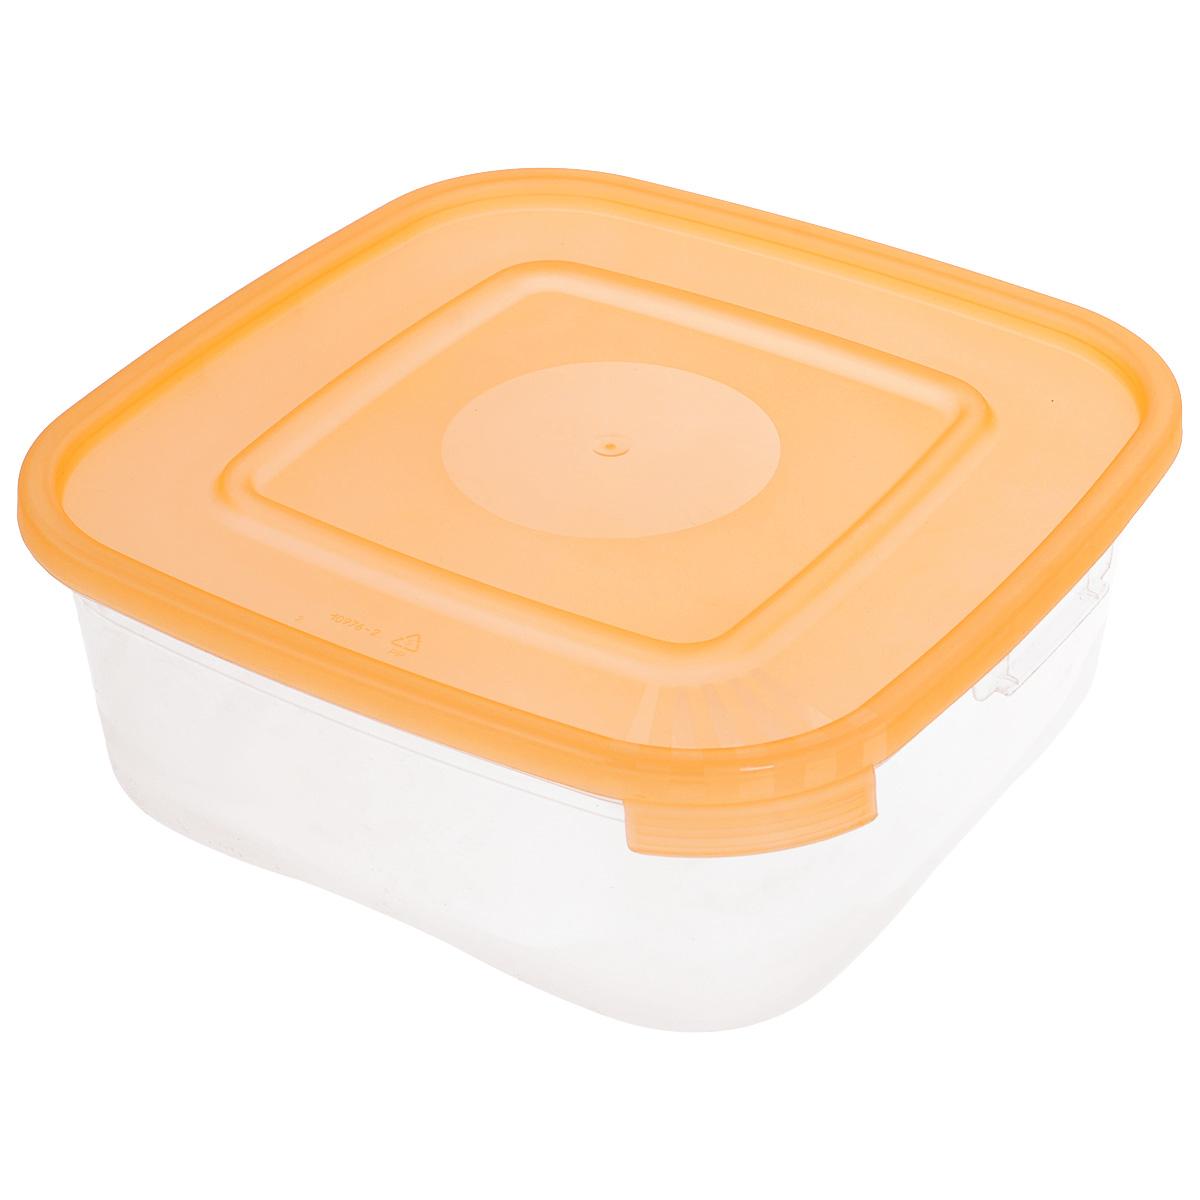 Контейнер Полимербыт Каскад, цвет: прозрачный, оранжевый, 1,4 лС680_оранжевыйКонтейнер Полимербыт Каскад квадратной формы, изготовленный из прочного пластика, предназначен специально для хранения пищевых продуктов. Крышка легко открывается и плотно закрывается.Контейнер устойчив к воздействию масел и жиров, легко моется. Прозрачные стенки позволяют видеть содержимое. Контейнер имеет возможность хранения продуктов глубокой заморозки, обладает высокой прочностью. Подходит для использования в микроволновых печах.Можно мыть в посудомоечной машине.